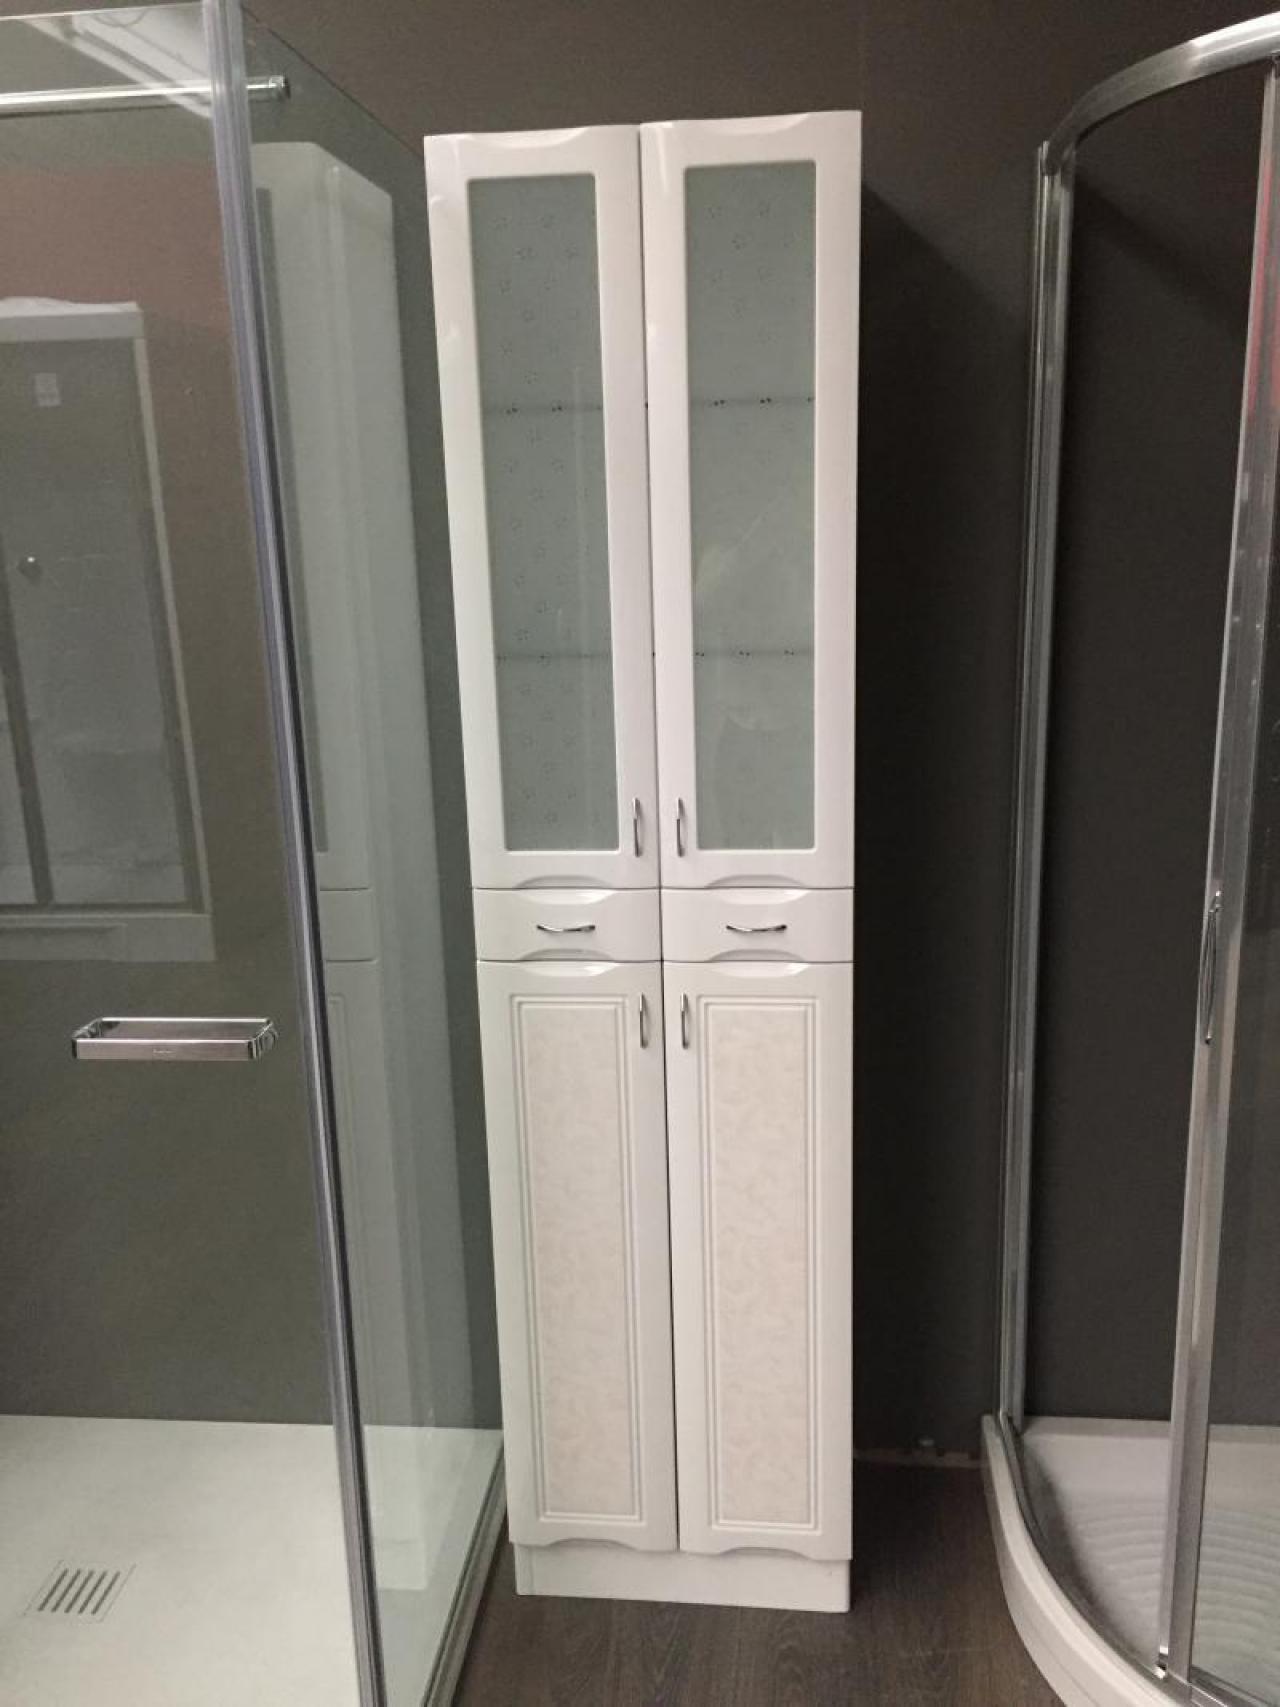 Colonna bagno bianco lucido occasione fratelli pellizzari - Azzurra mobili da bagno ...